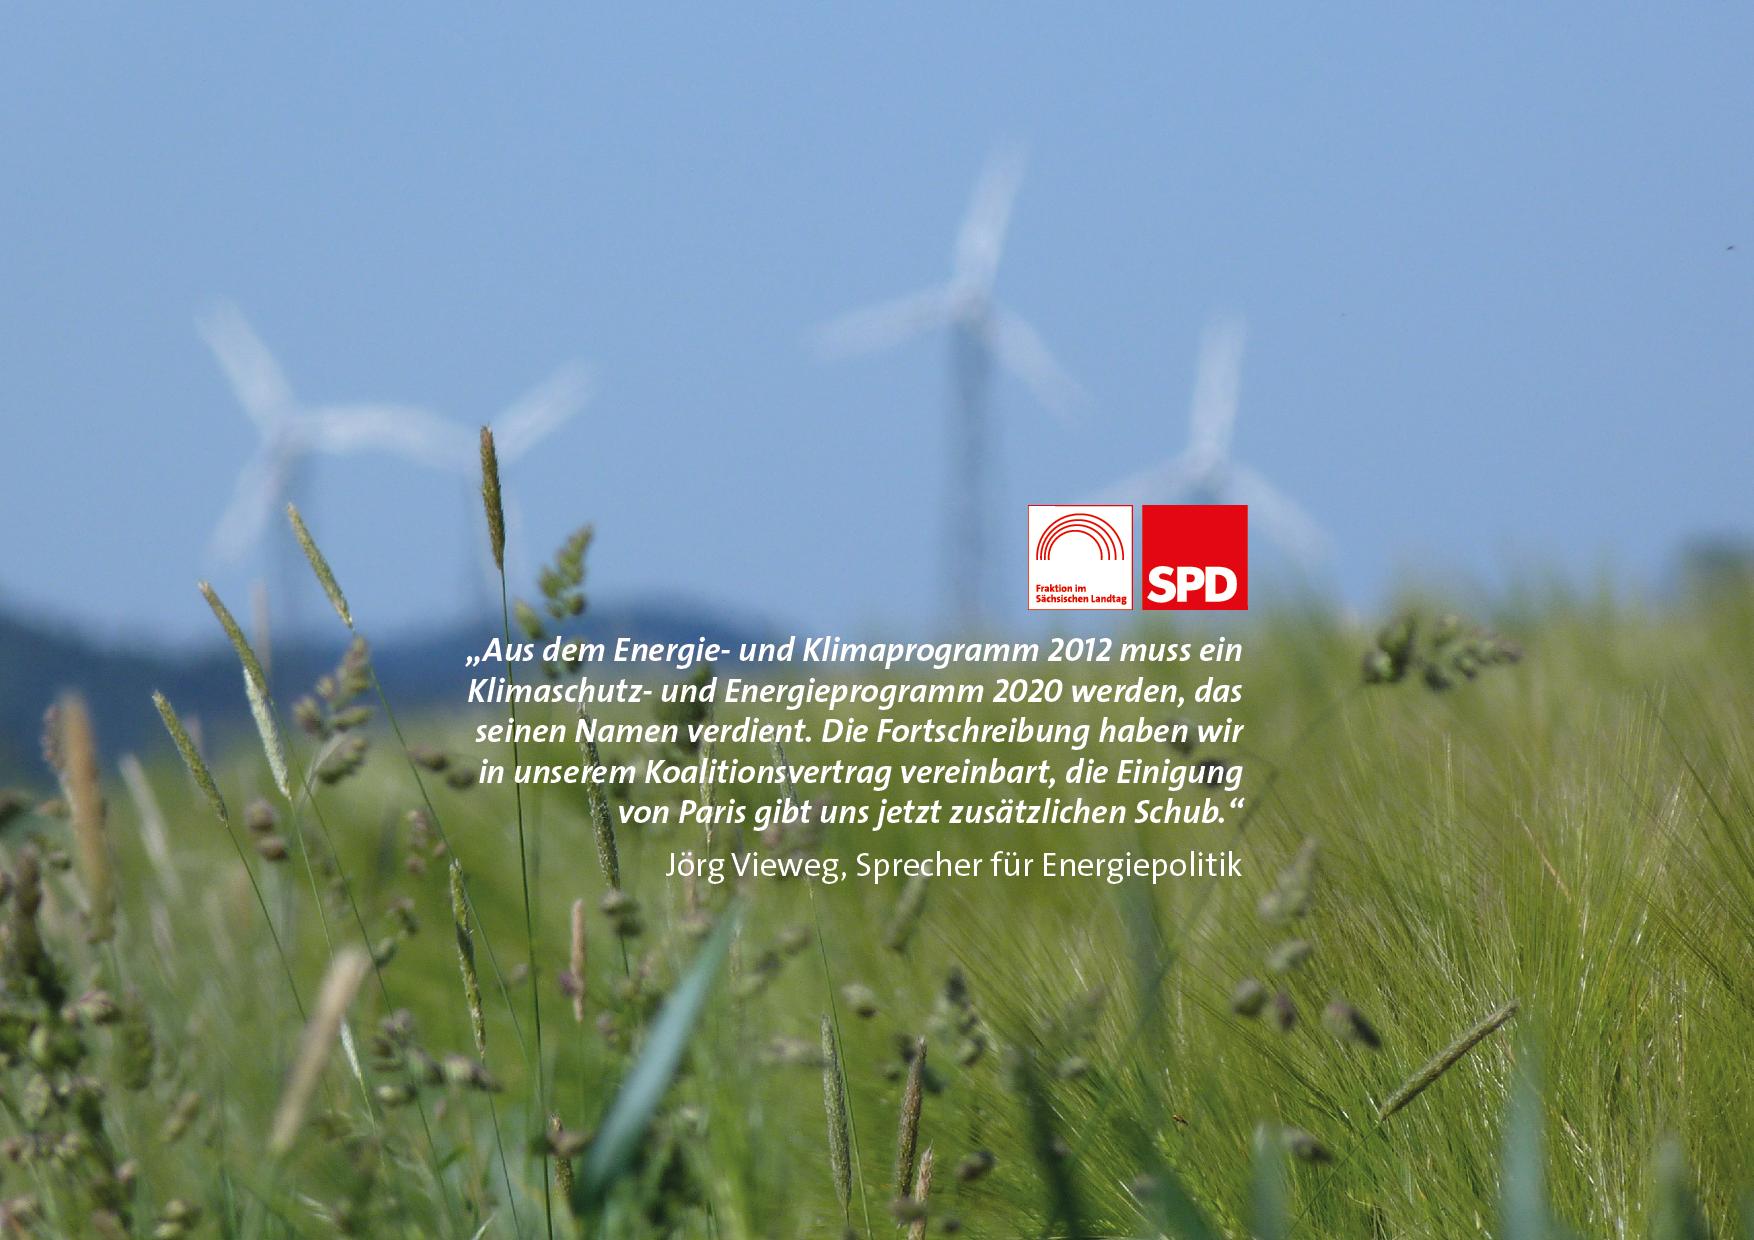 Vieweg: Sachsen braucht Klimaschutz- und Energieprogramm